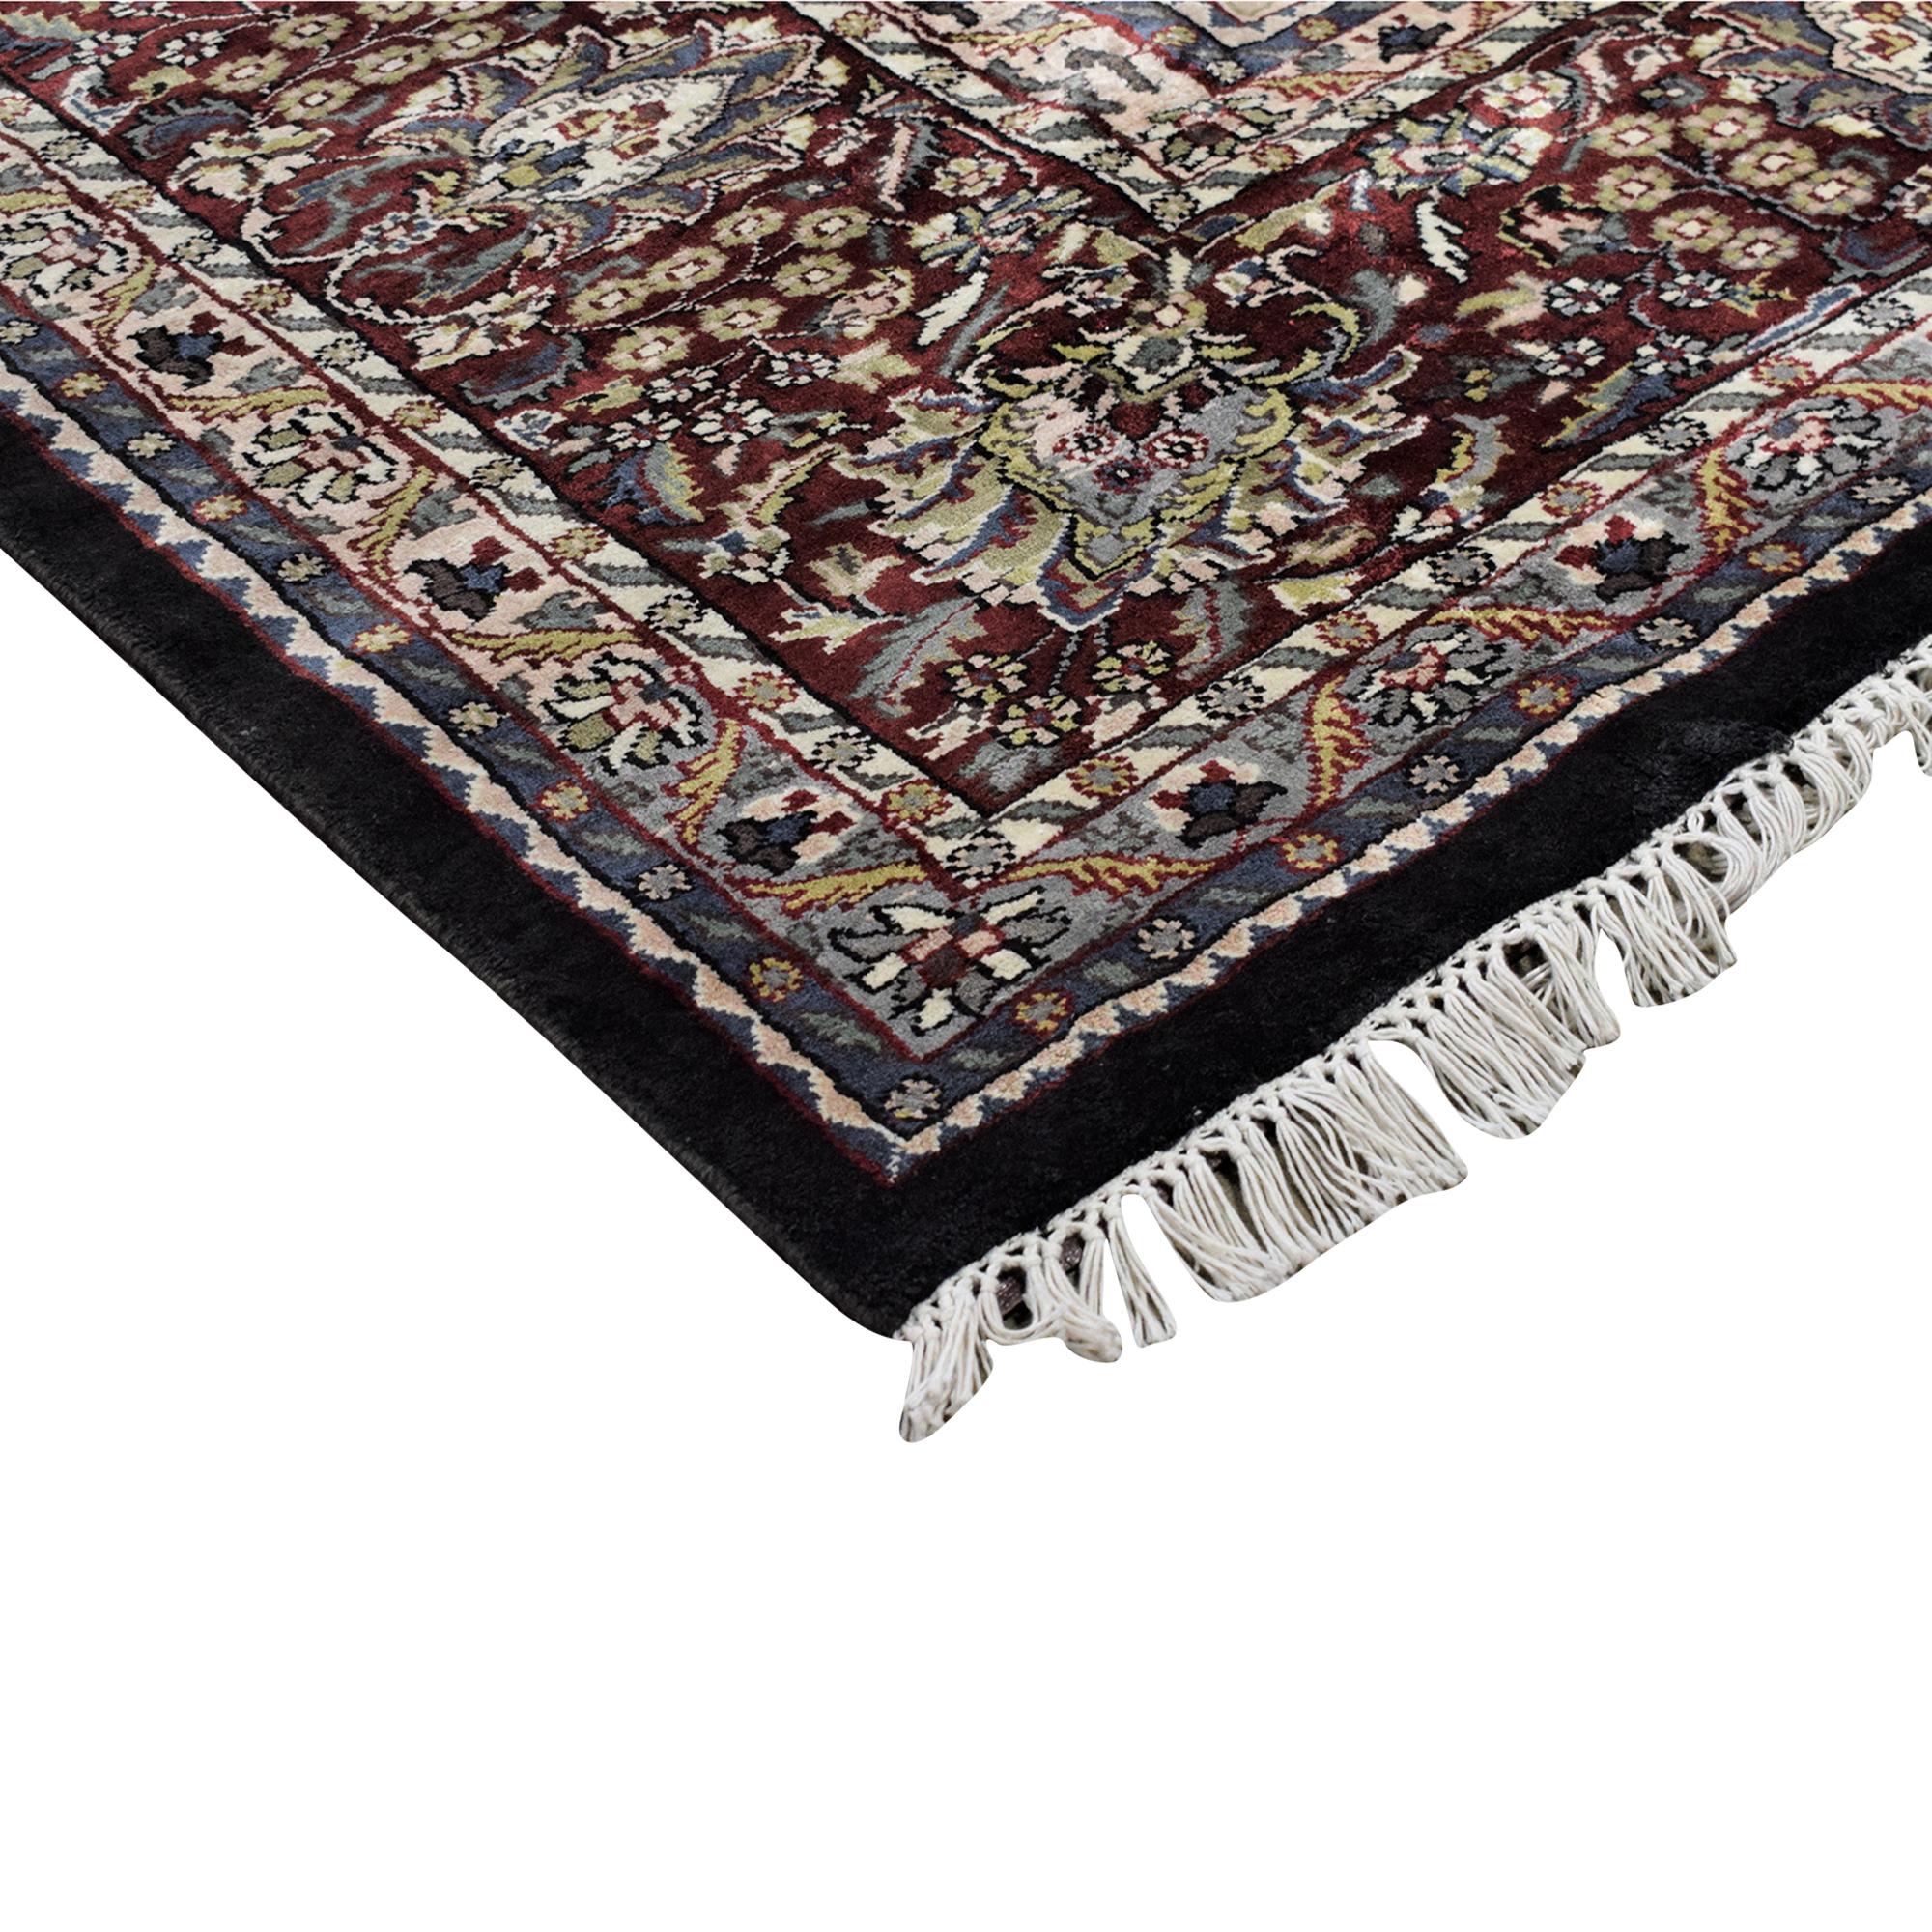 Bloomingdale's Bloomingdale's Eclectic Oriental Style Area Rug dimensions